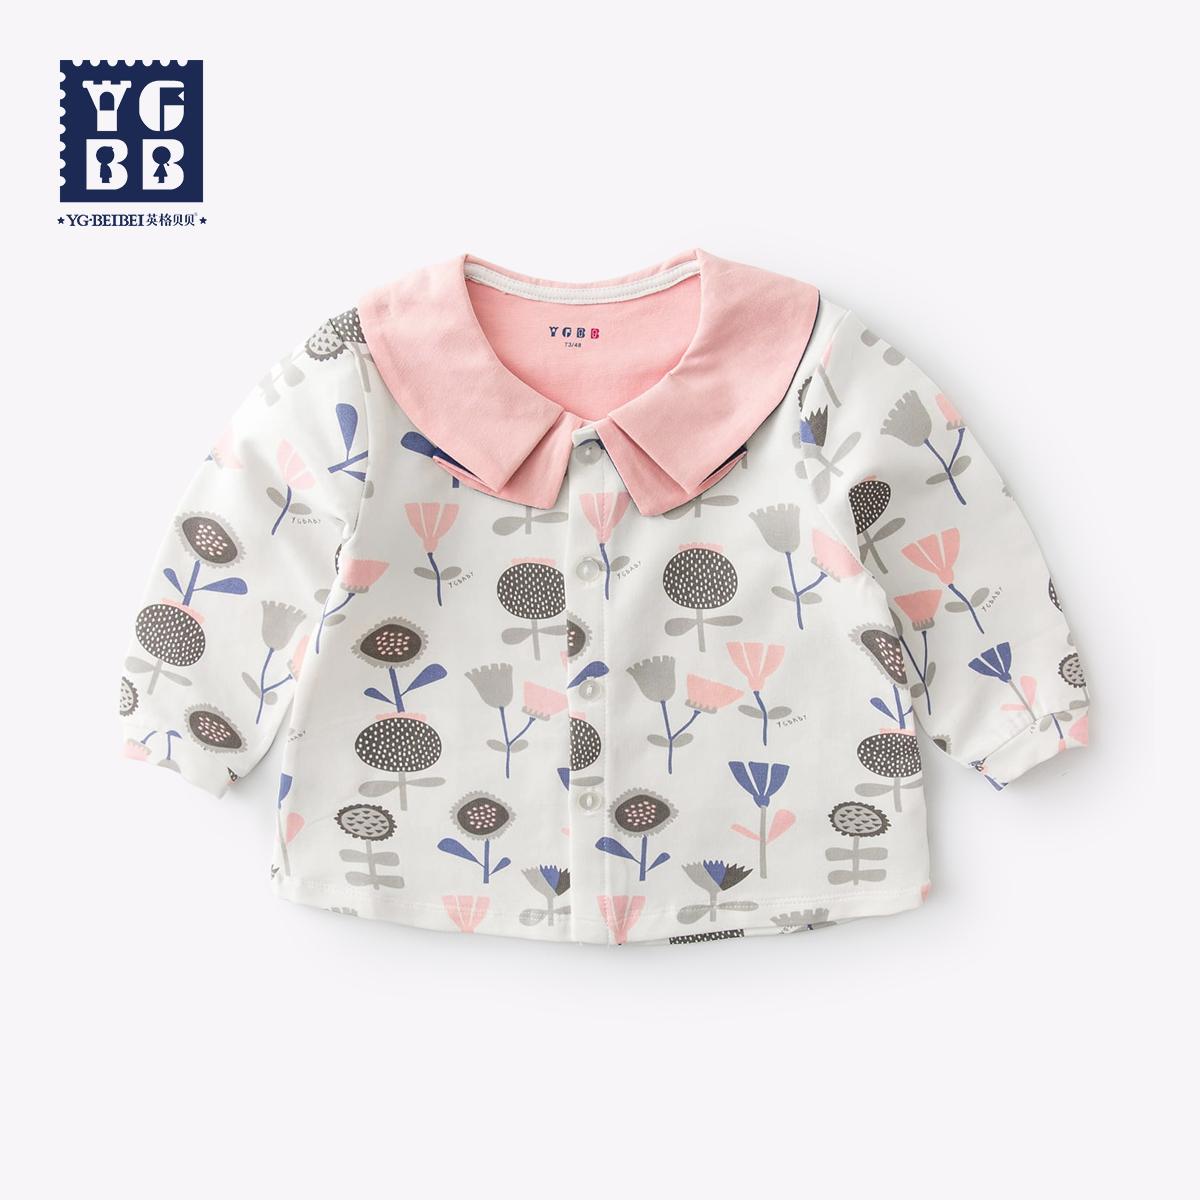 英格贝贝婴儿外套春装单层薄款开衫宝宝外套女童春秋长袖纯棉衣服图片